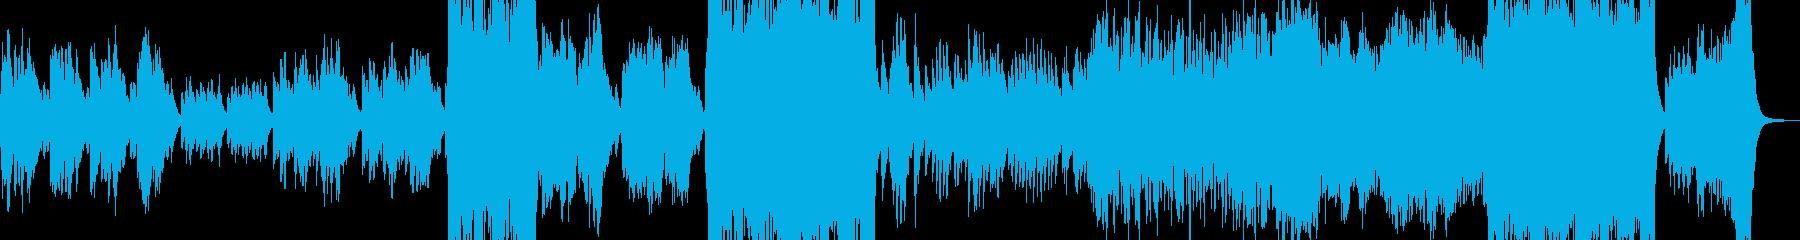 姫チックなワルツ・メルヘンな作品に Aの再生済みの波形